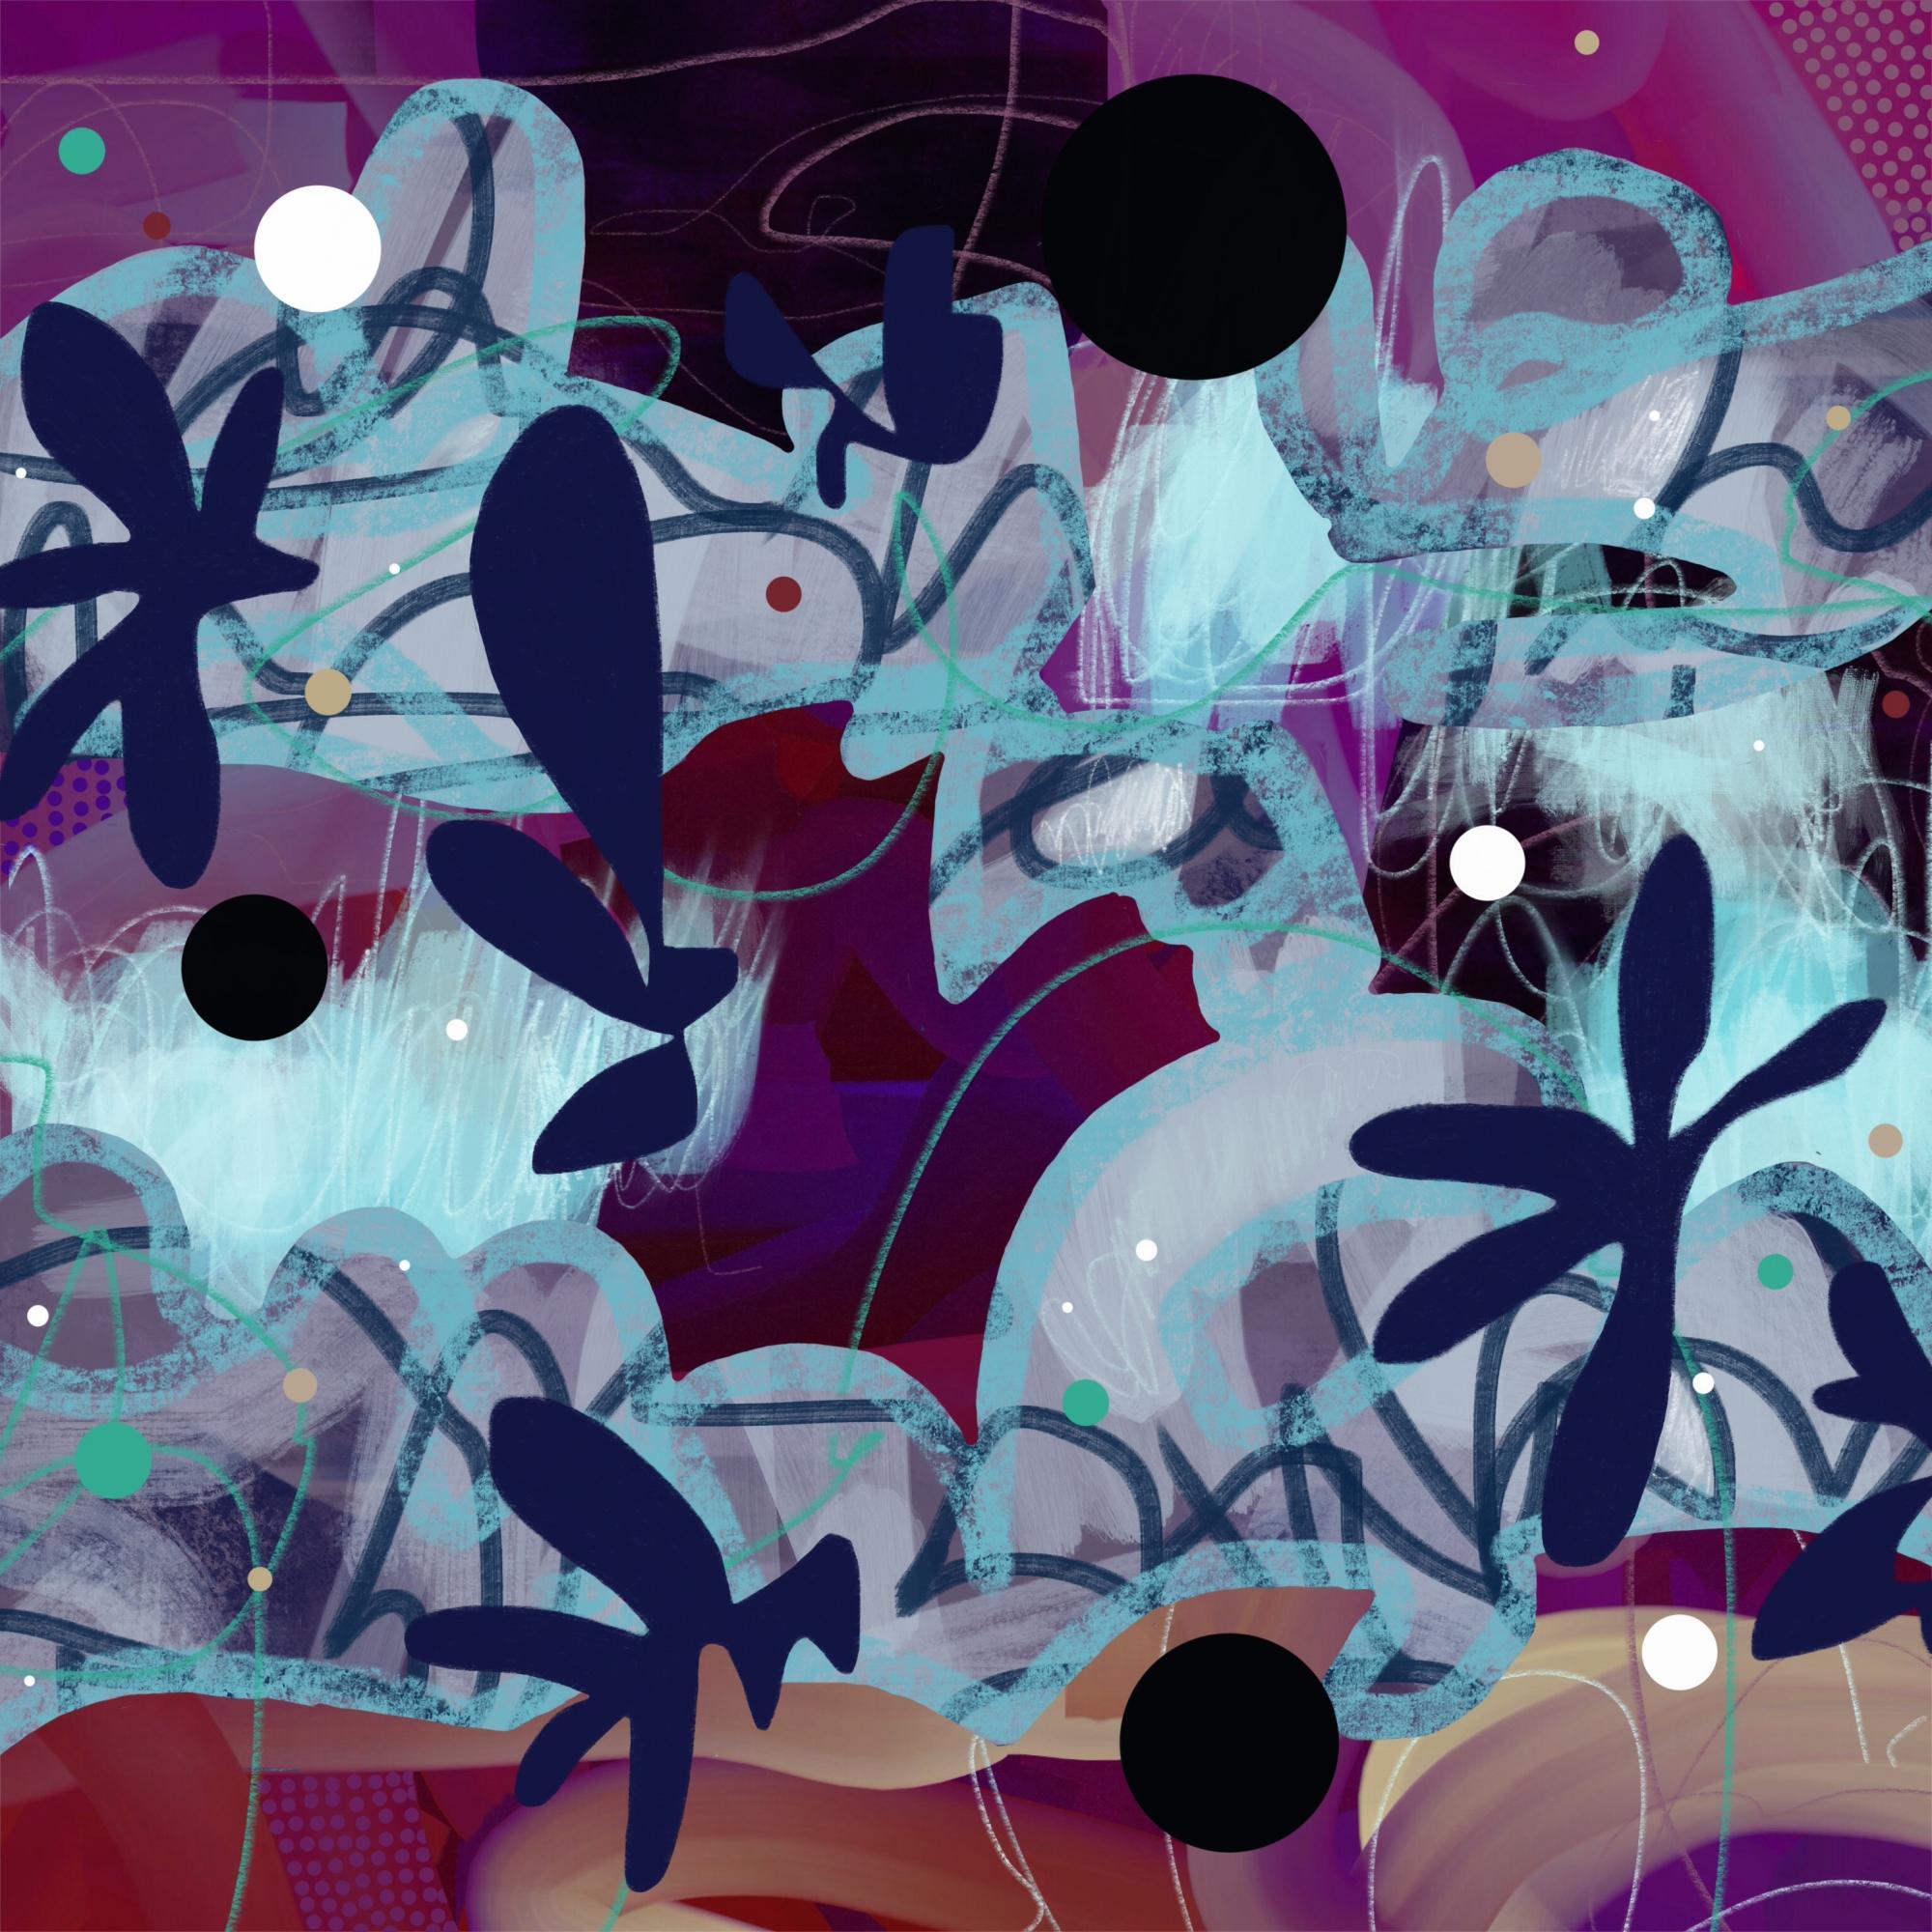 Midnight Secession by Matthew Catalano